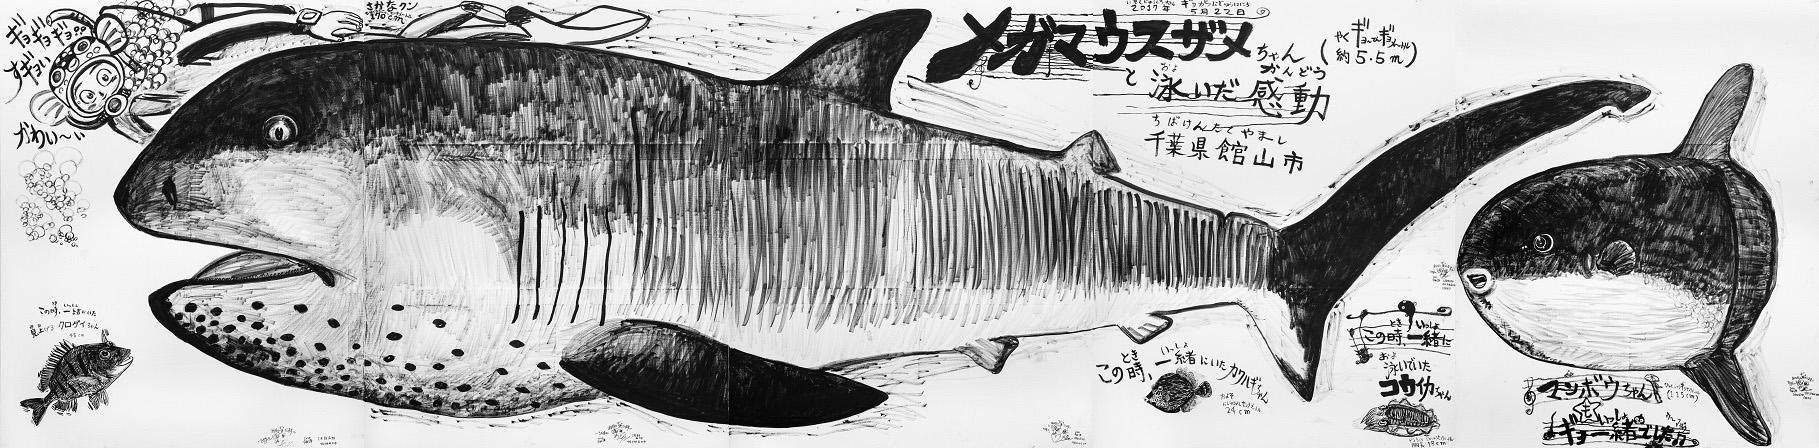 さかなクン「メガマウスザメちゃんと泳いだ感動  千葉県館山市」2020年 筆ペン